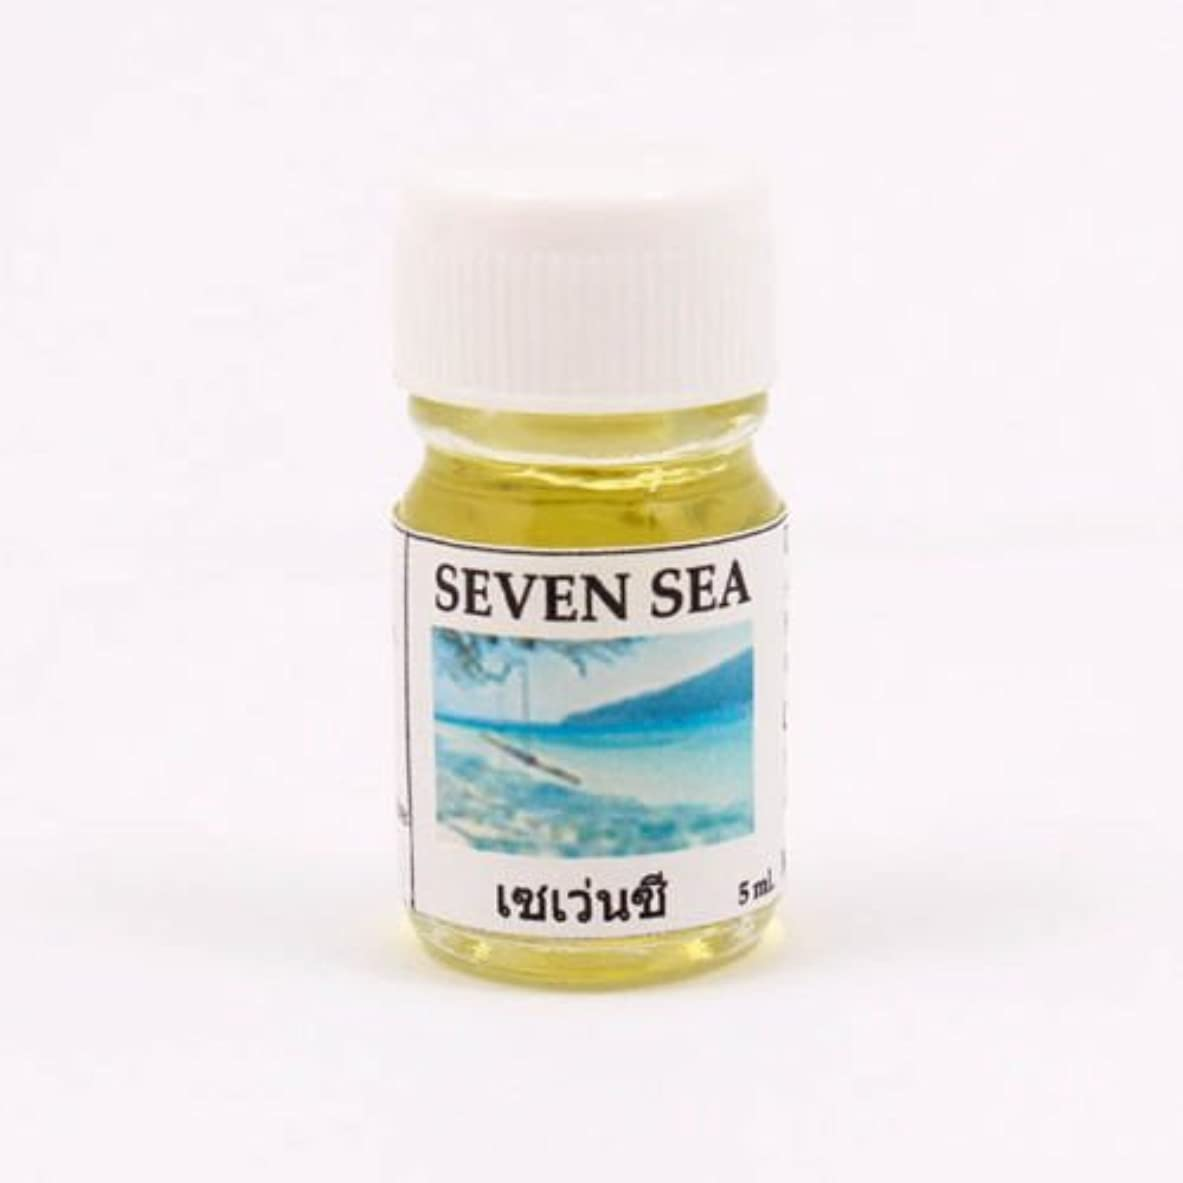 6X Seven Sea Aroma Fragrance Essential Oil 5ML. cc Diffuser Burner Therapy